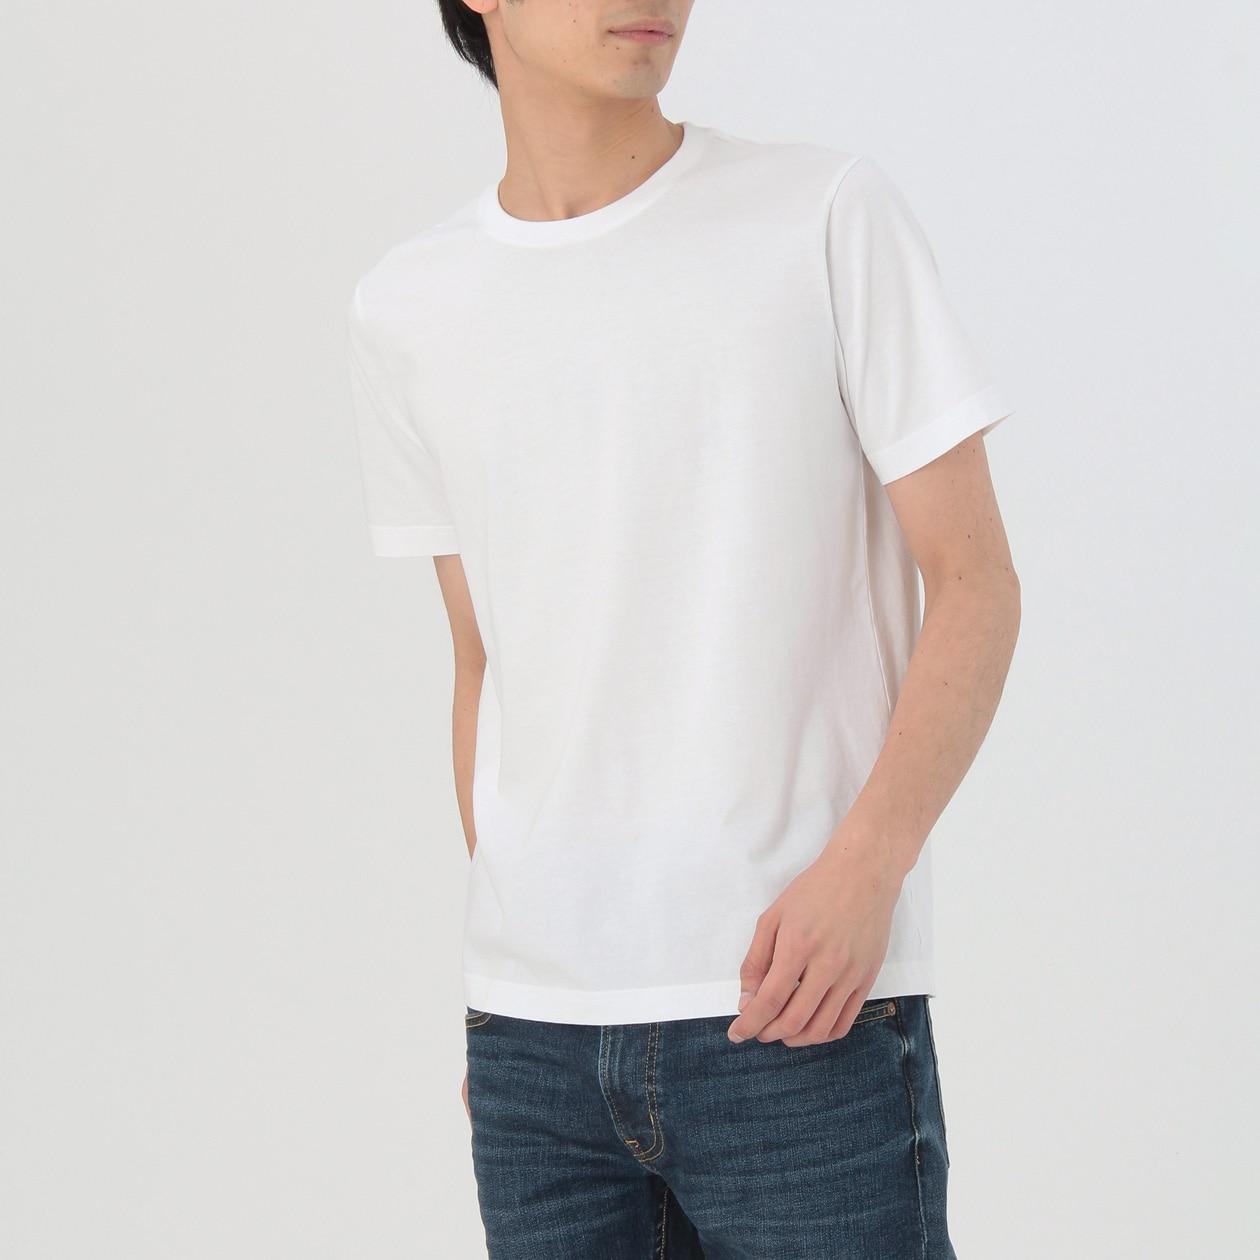 インド綿 天竺編みクルーネック半袖Tシャツ